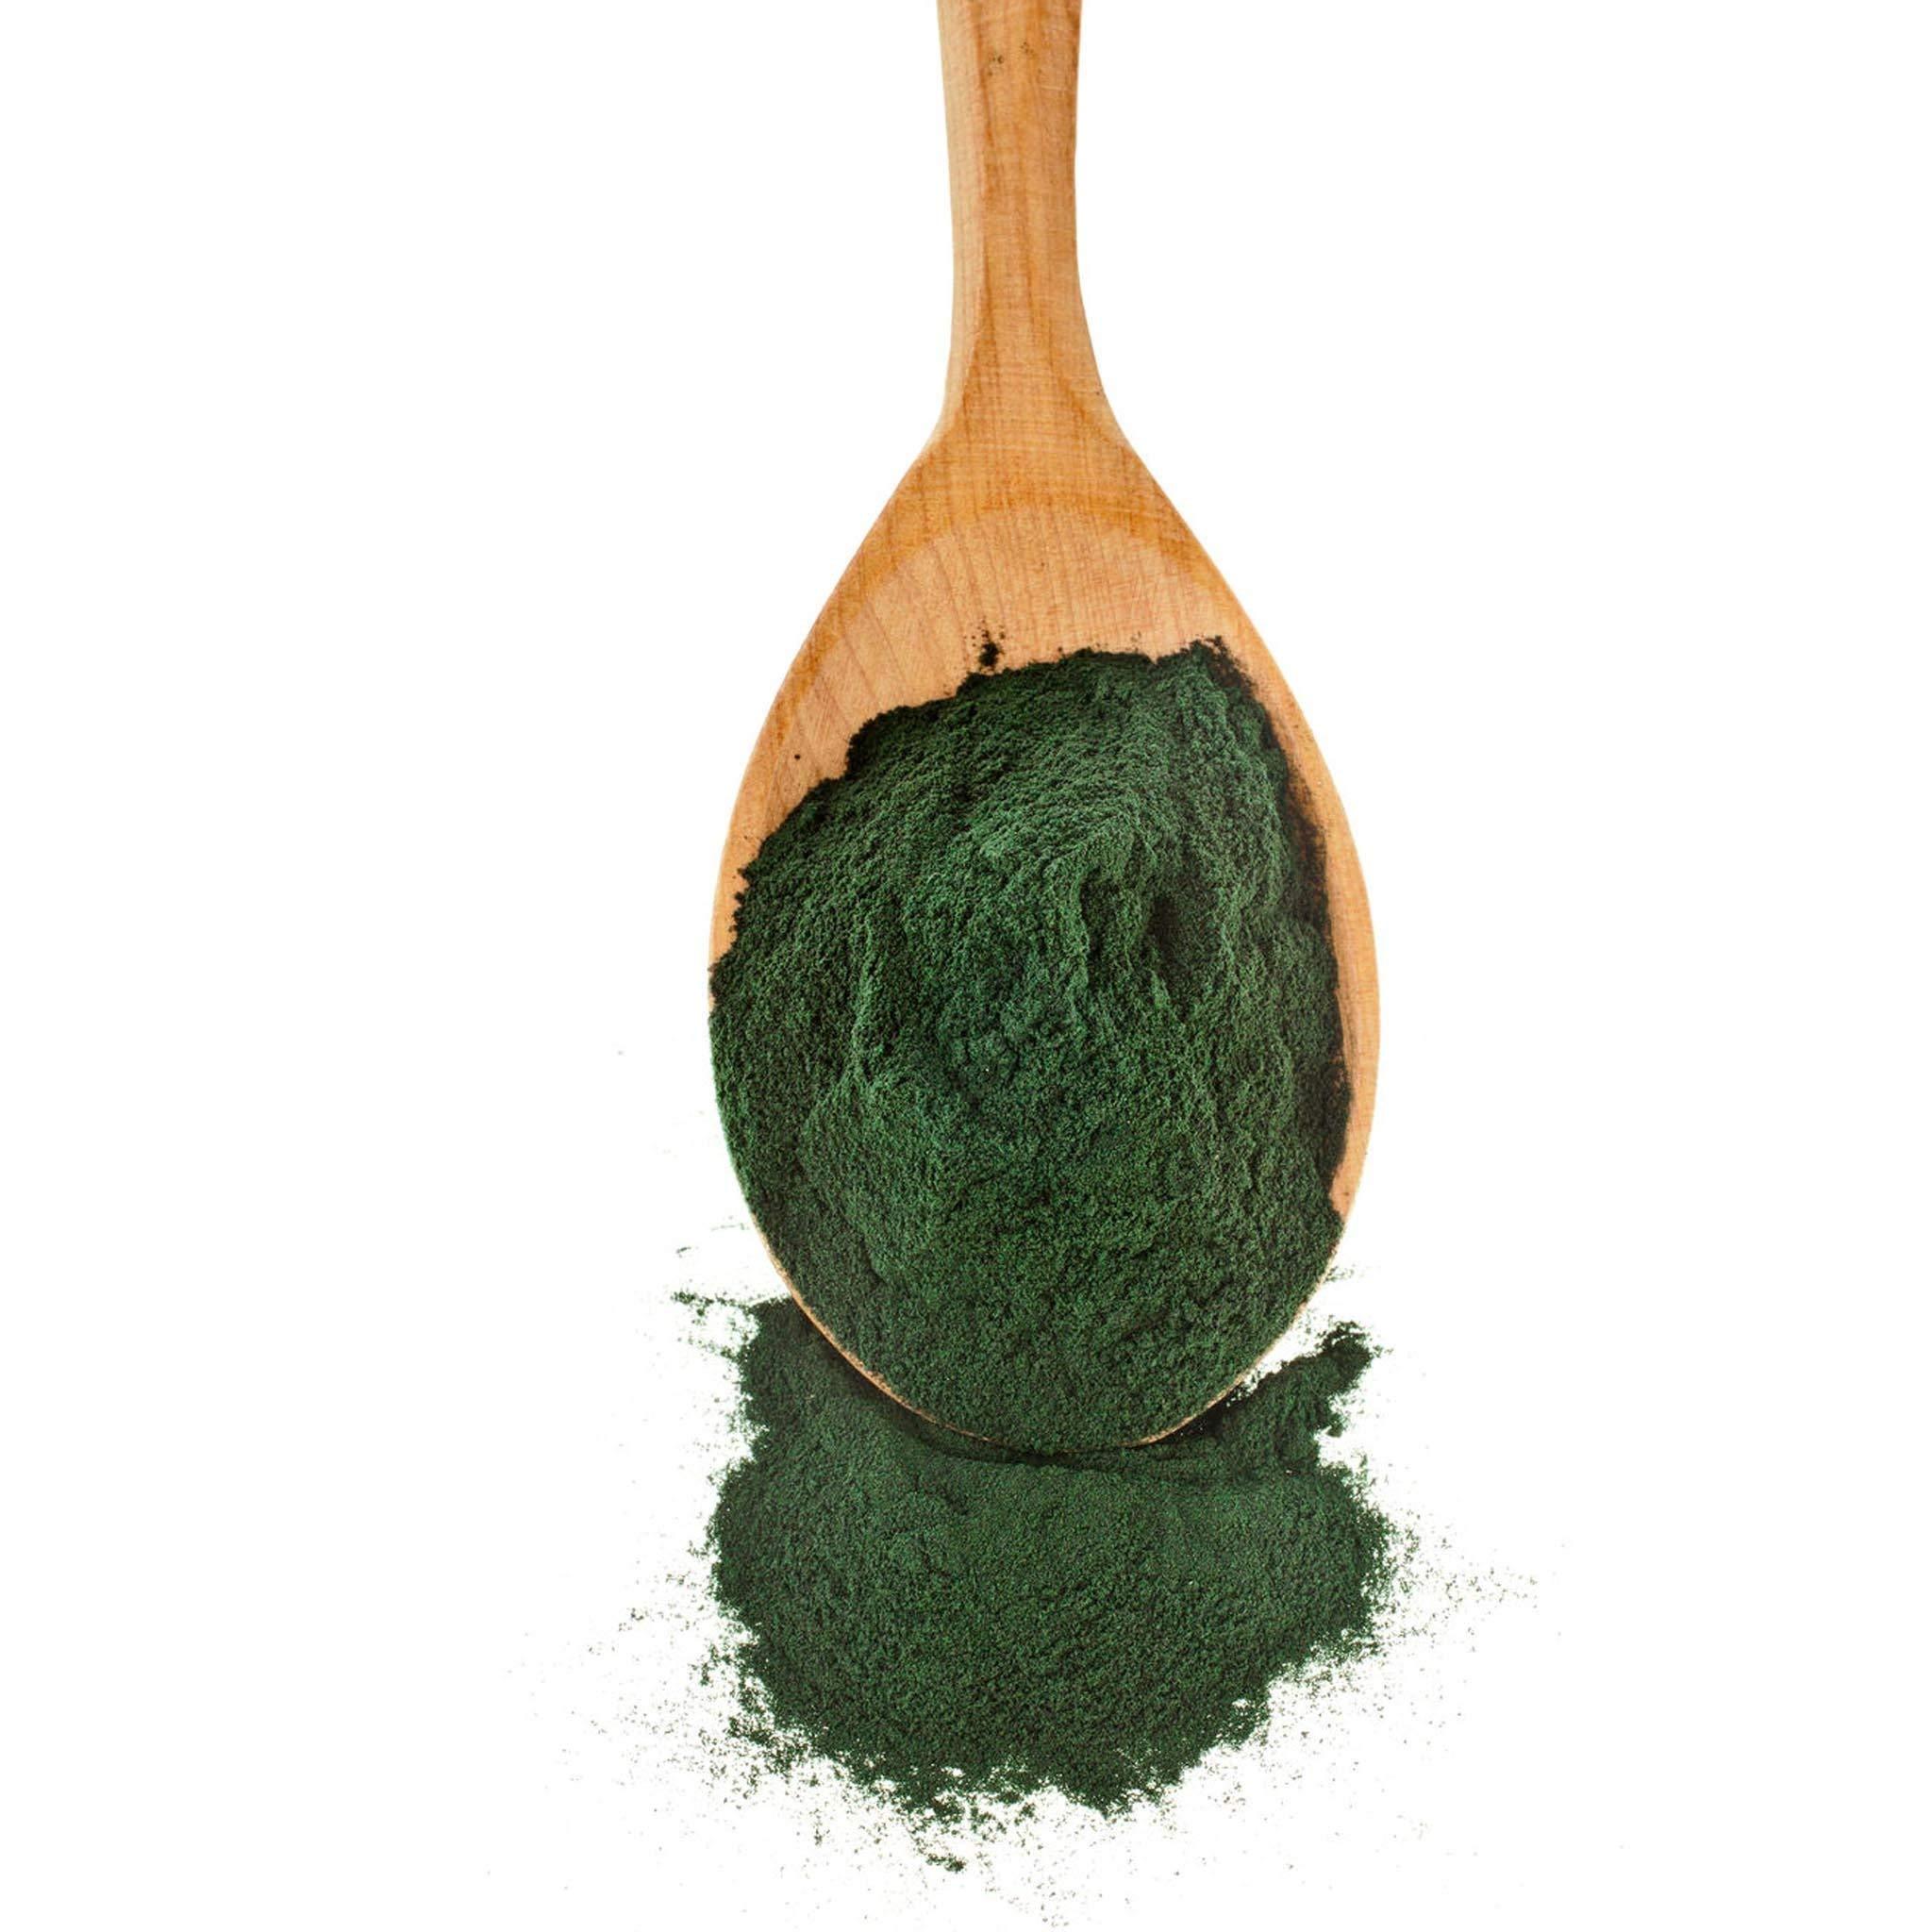 case of 8 packs, 25kg/pack, blue-green algae powder, seaweed powder by Hello Seaweed (Image #2)